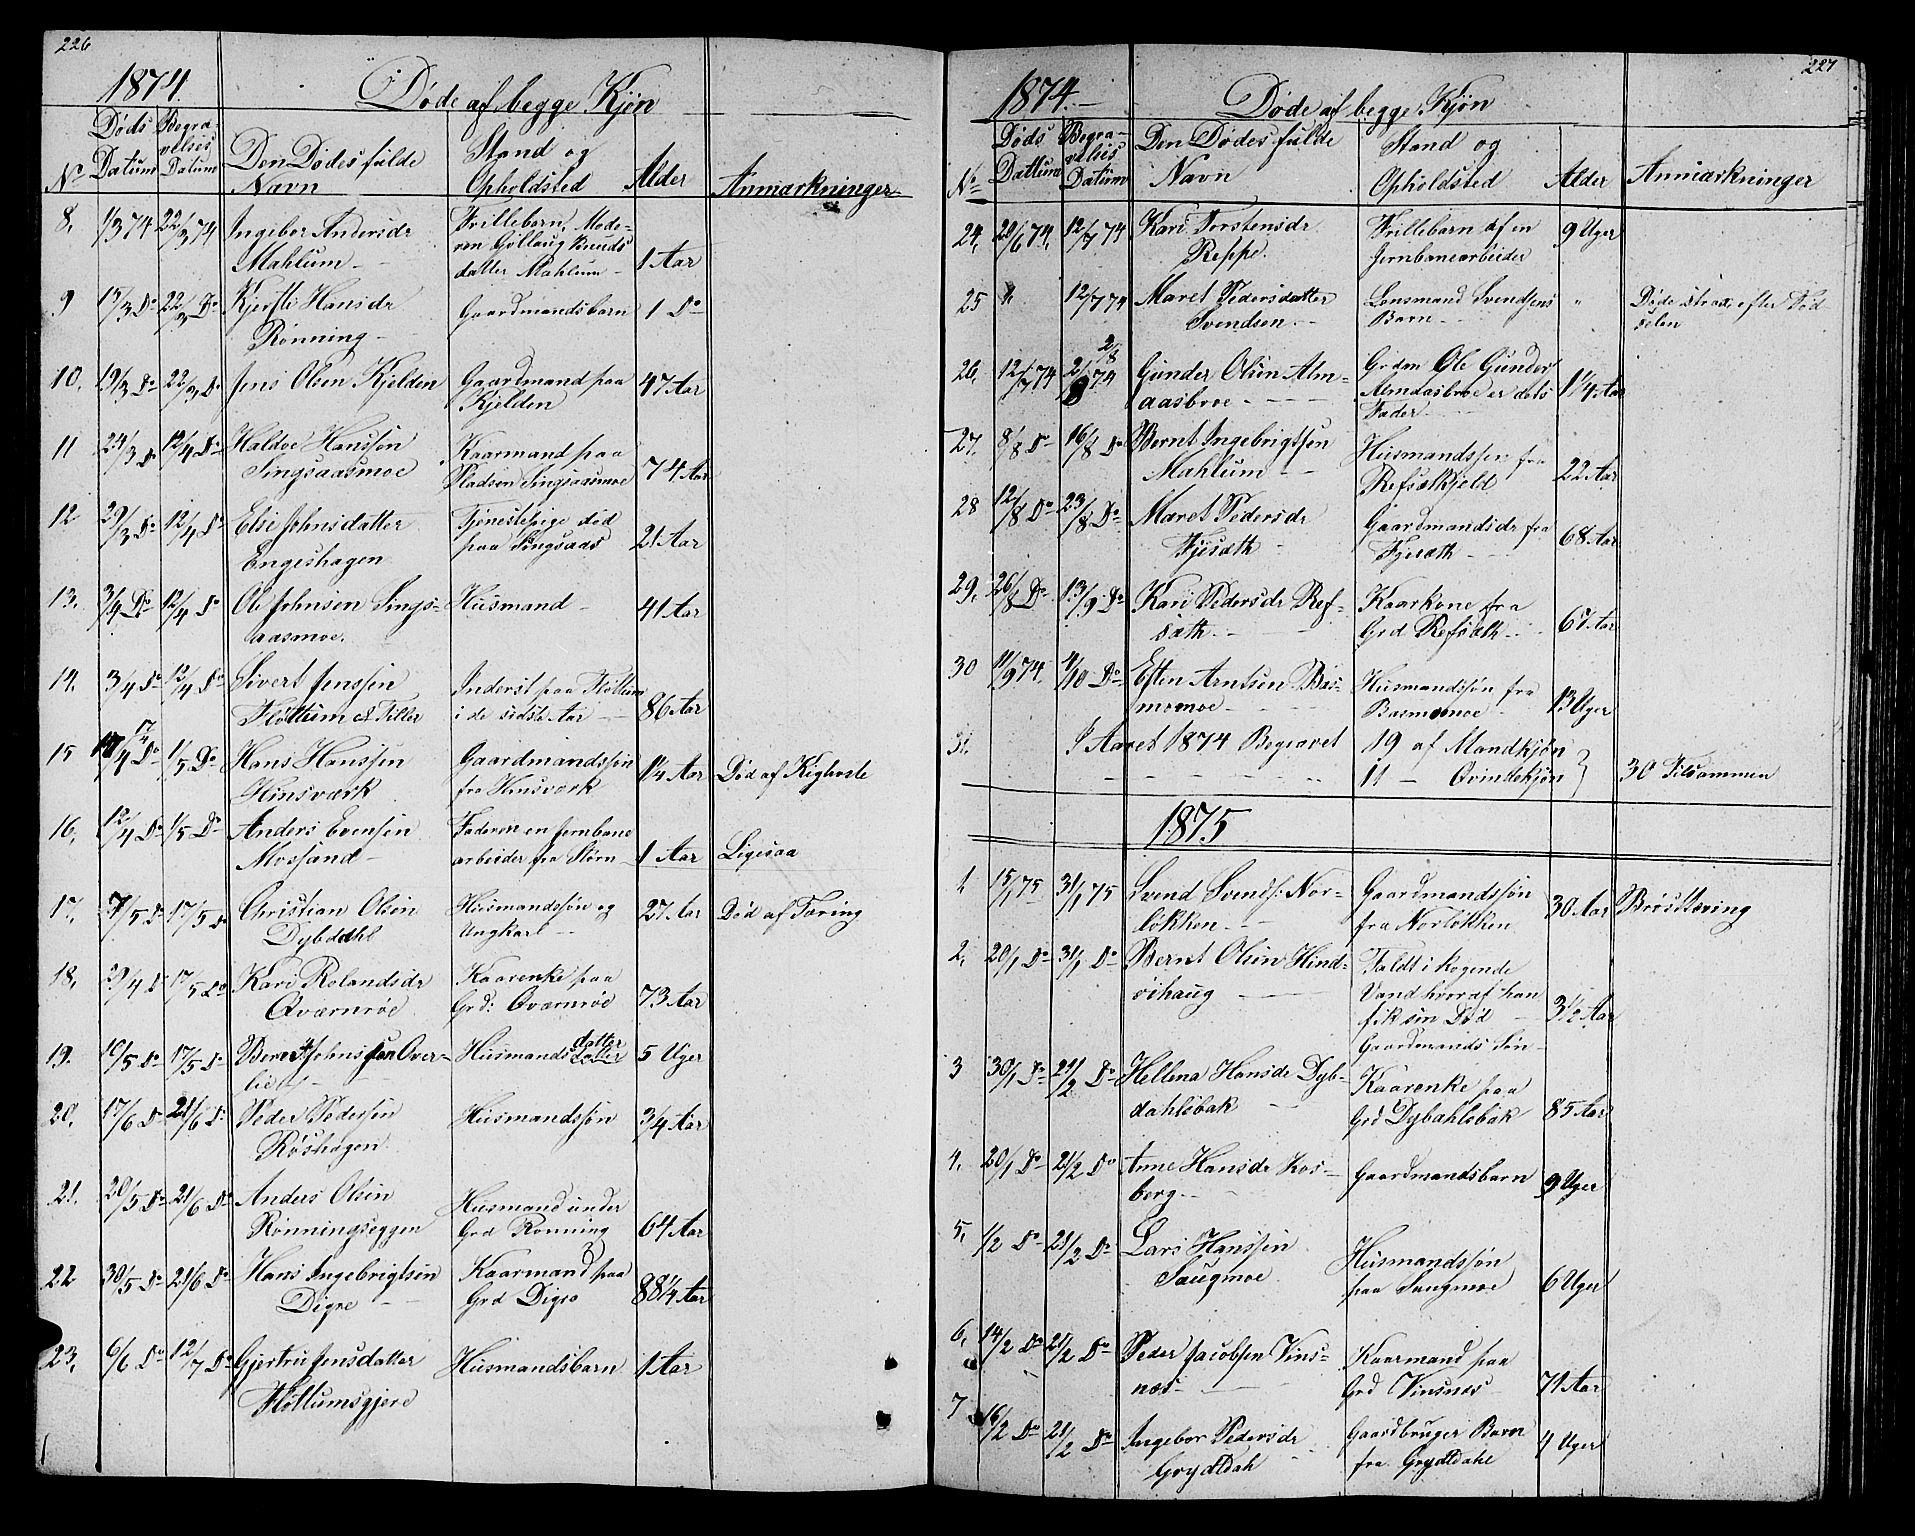 SAT, Ministerialprotokoller, klokkerbøker og fødselsregistre - Sør-Trøndelag, 688/L1027: Klokkerbok nr. 688C02, 1861-1889, s. 226-227